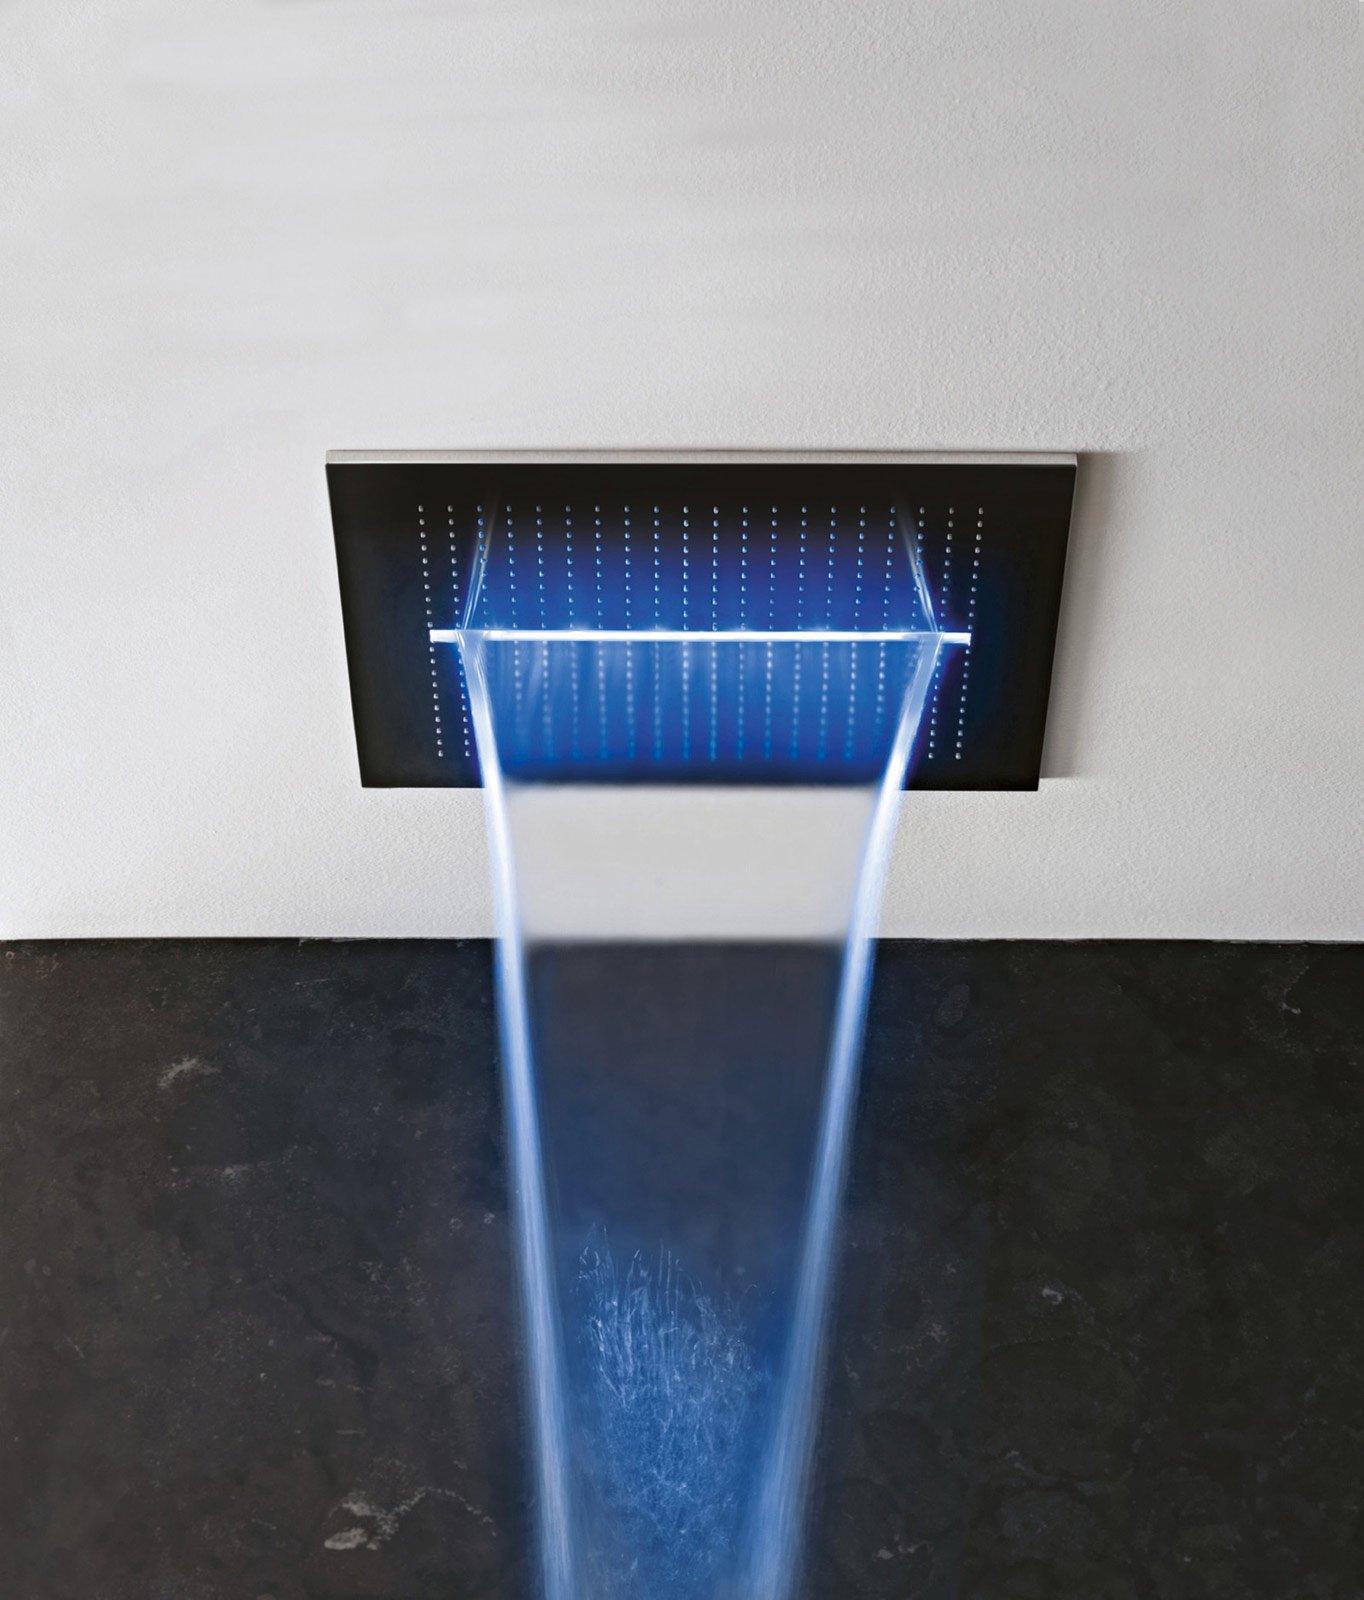 acqua zone di fantini il soffione a soffitto con comandi elettronici e sei diverse combinazioni